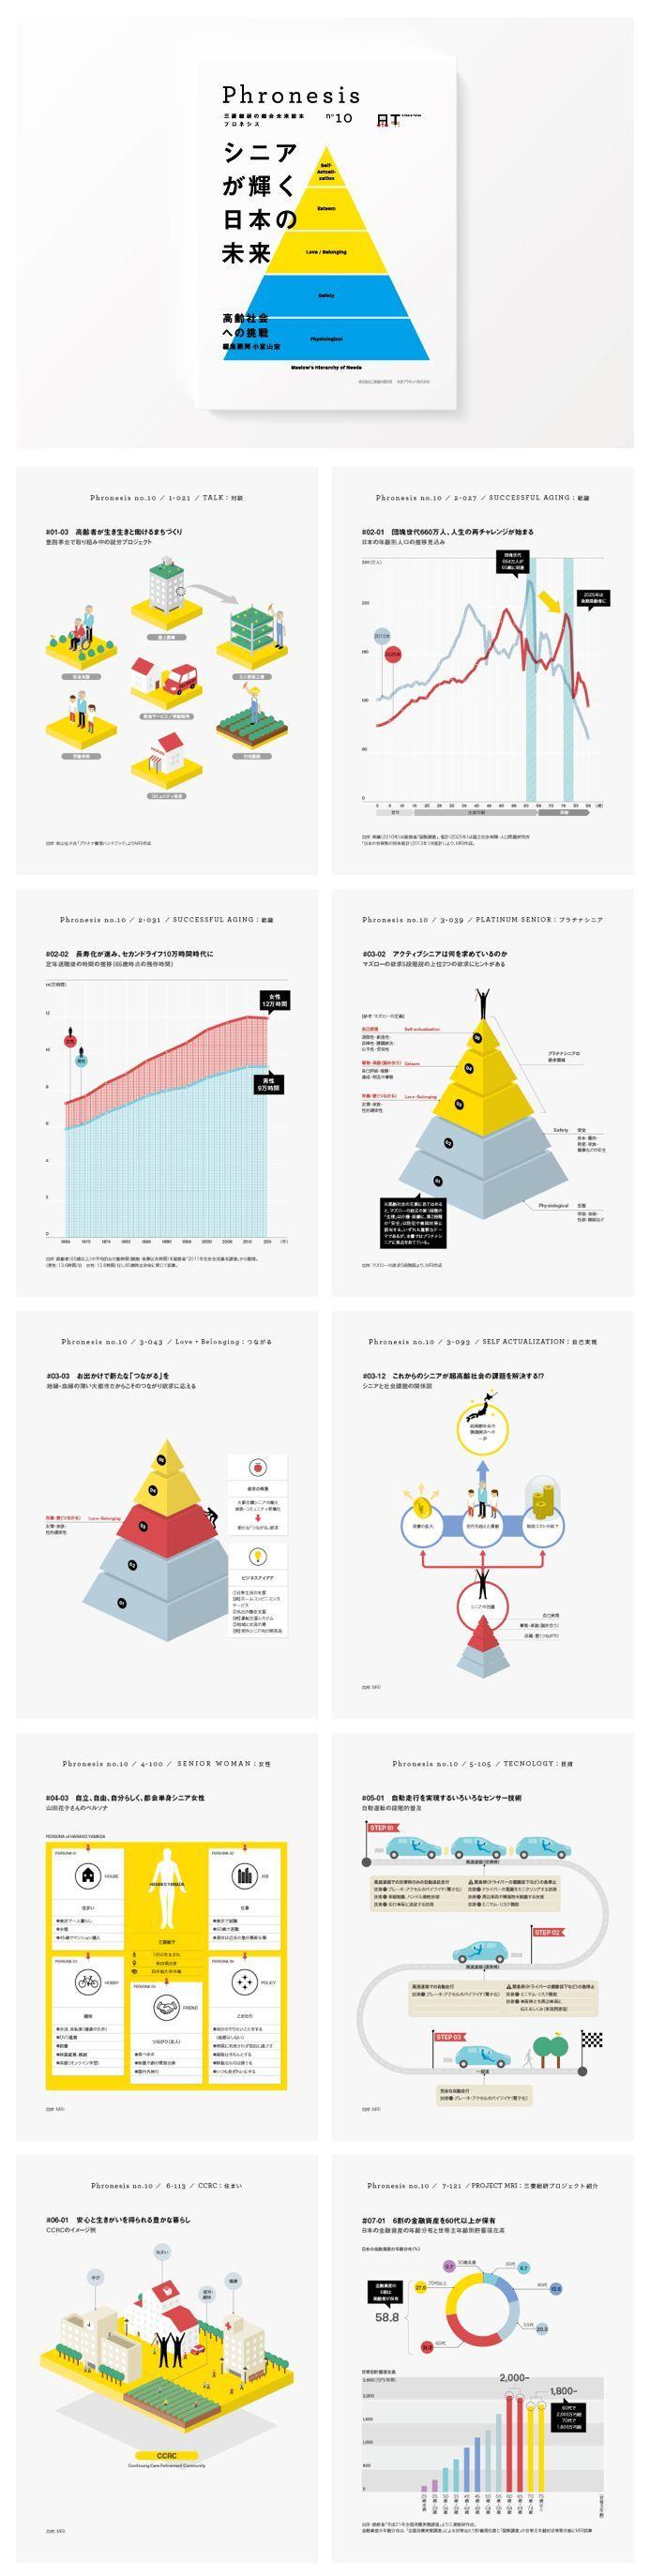 7a503f1a804805af4c0ebd710c3e90e2.jpg (693×2747) #infographics